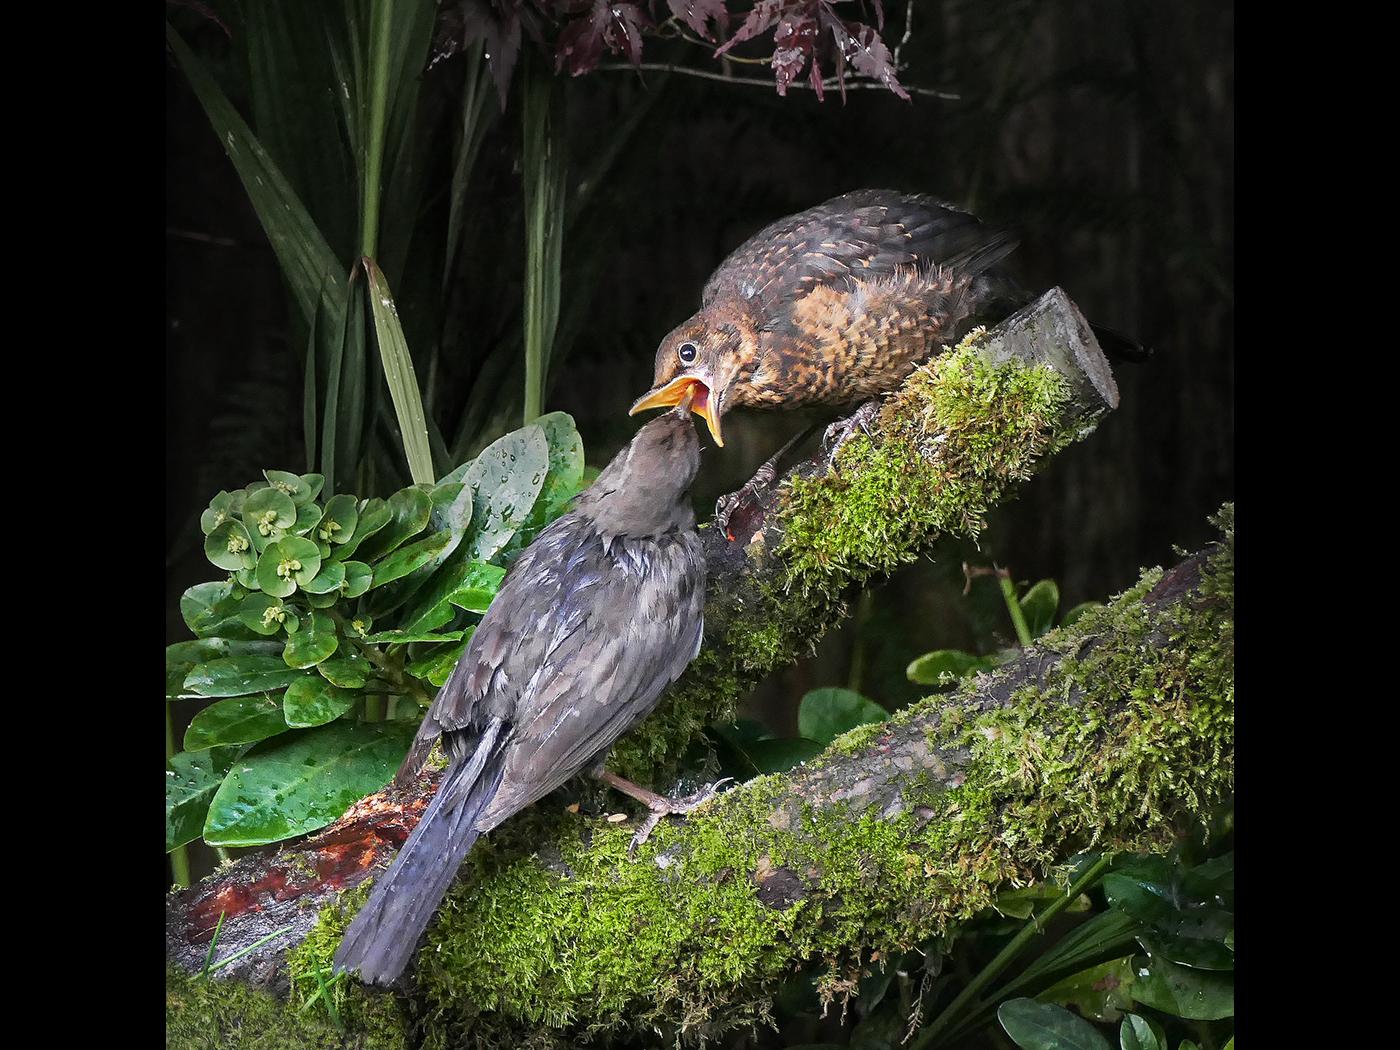 Blackbird feeding young